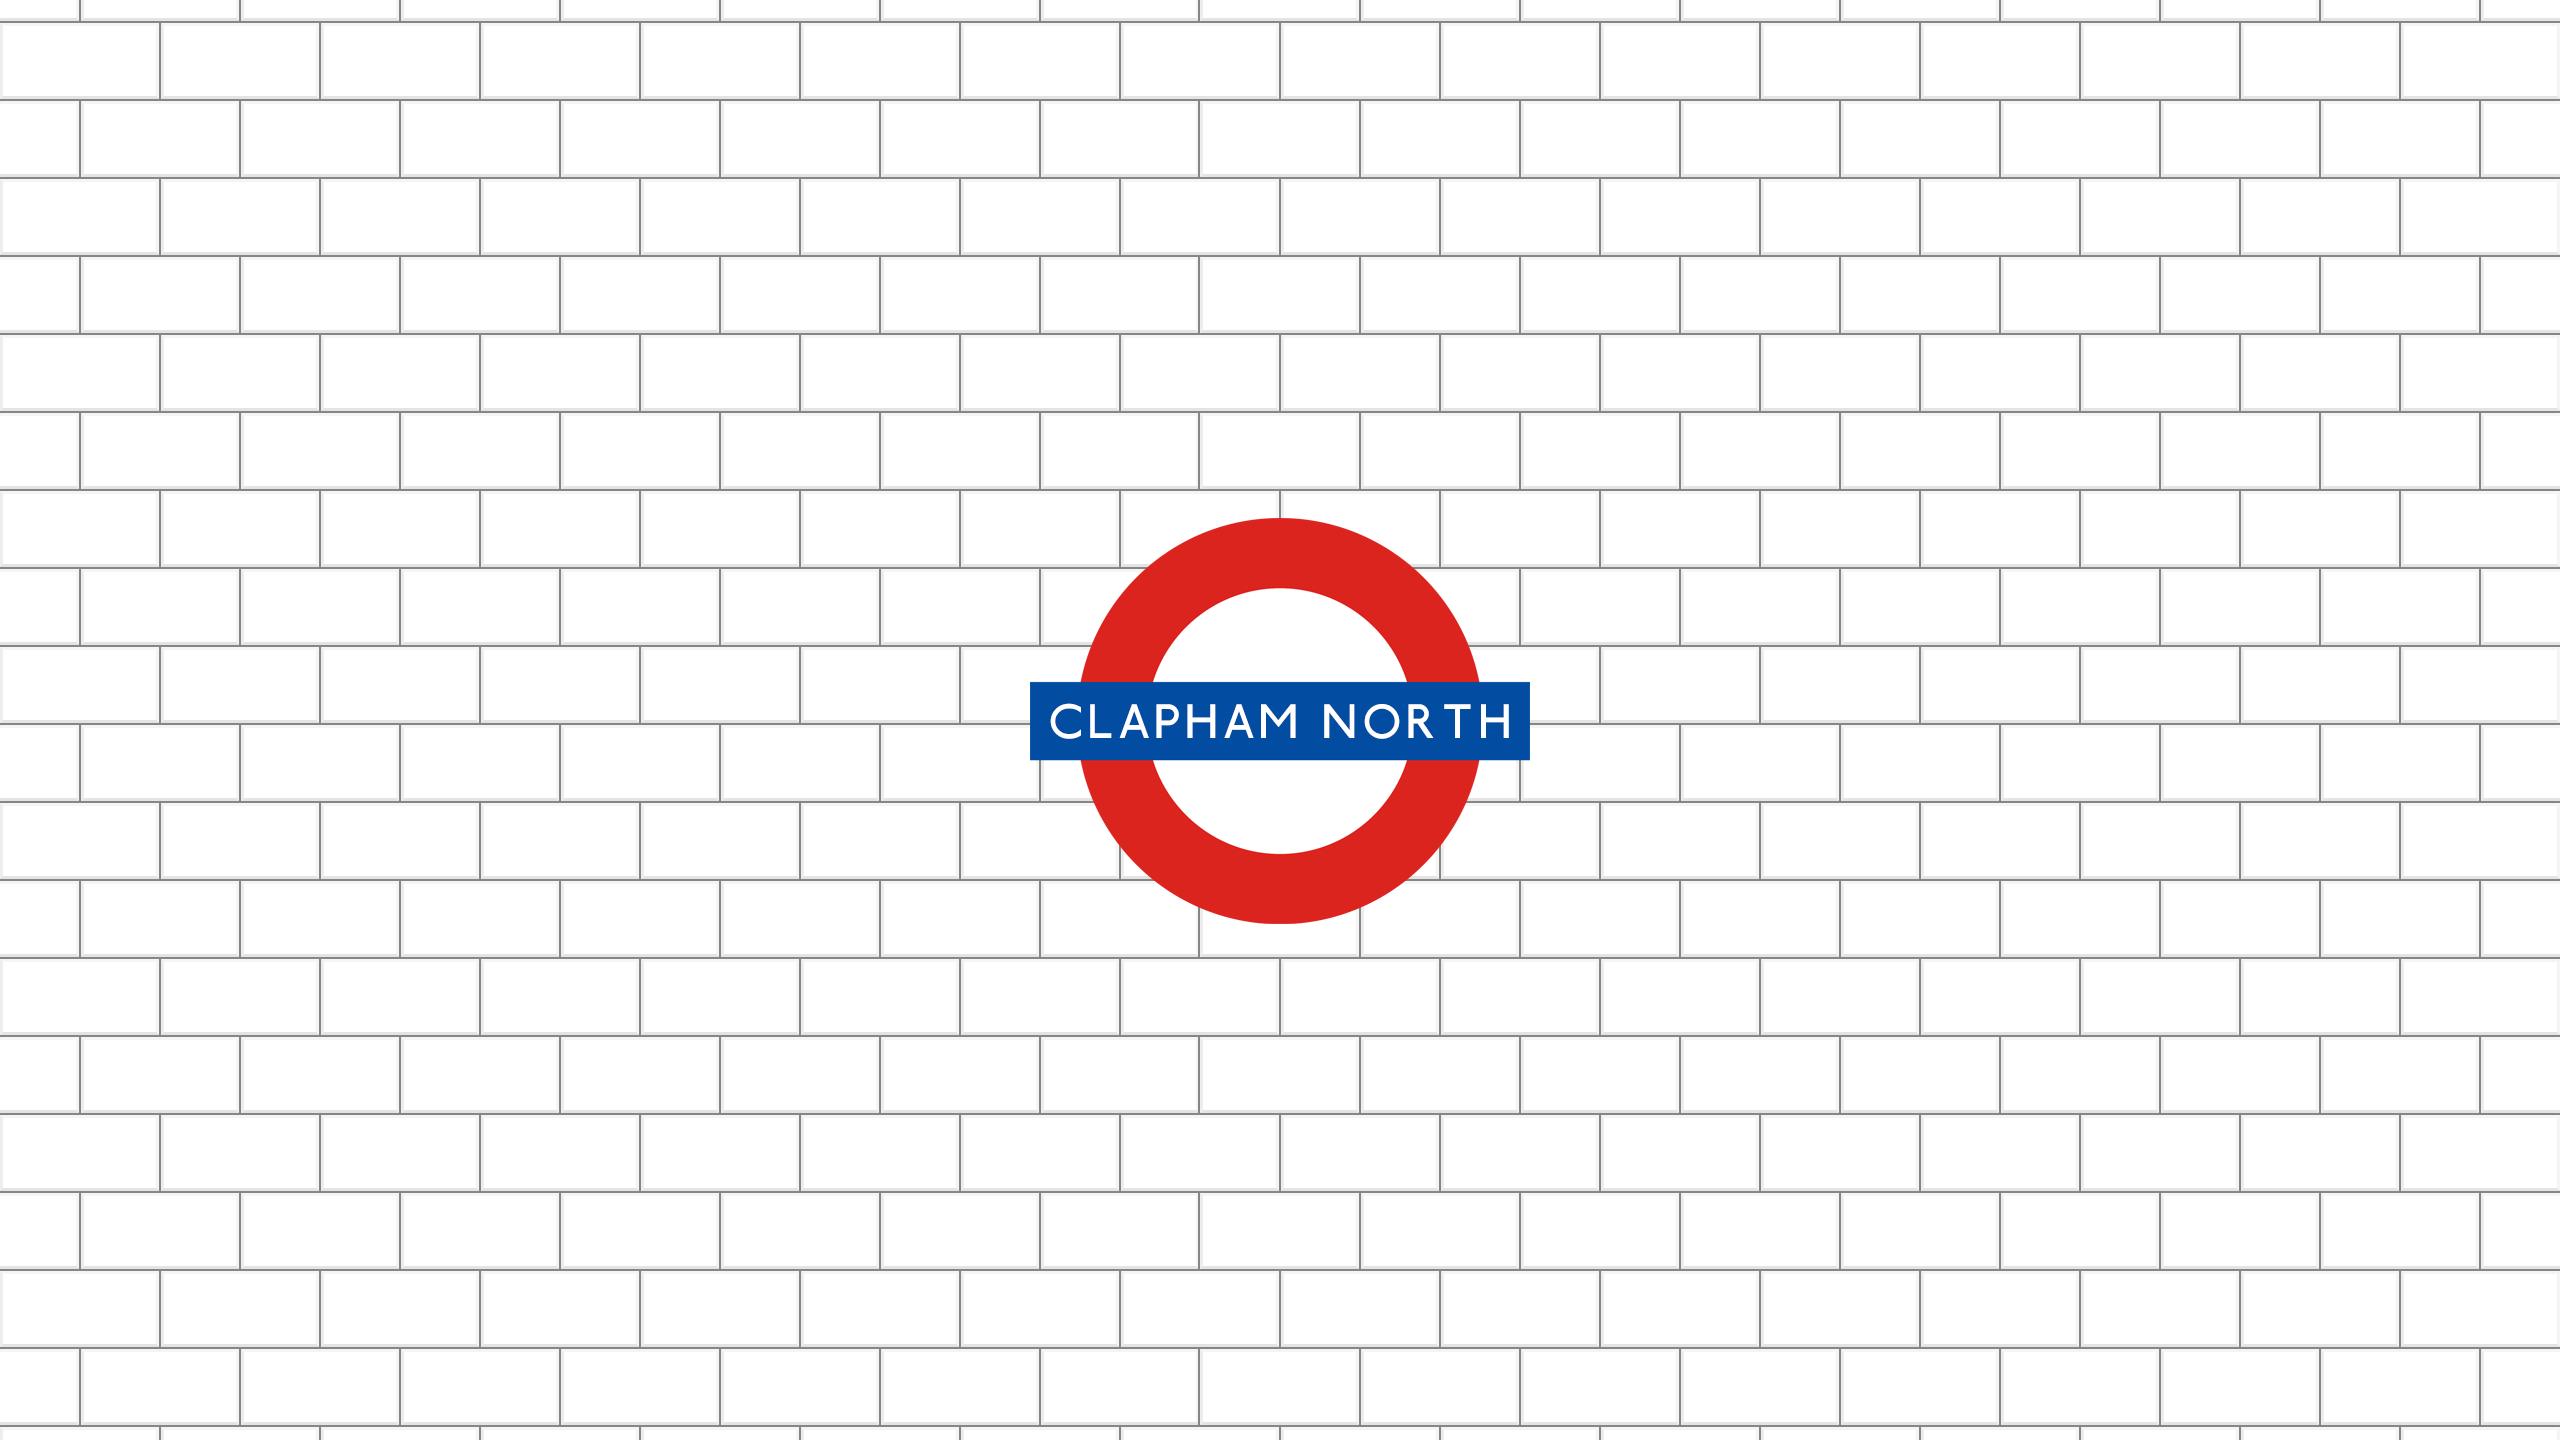 Clapham North